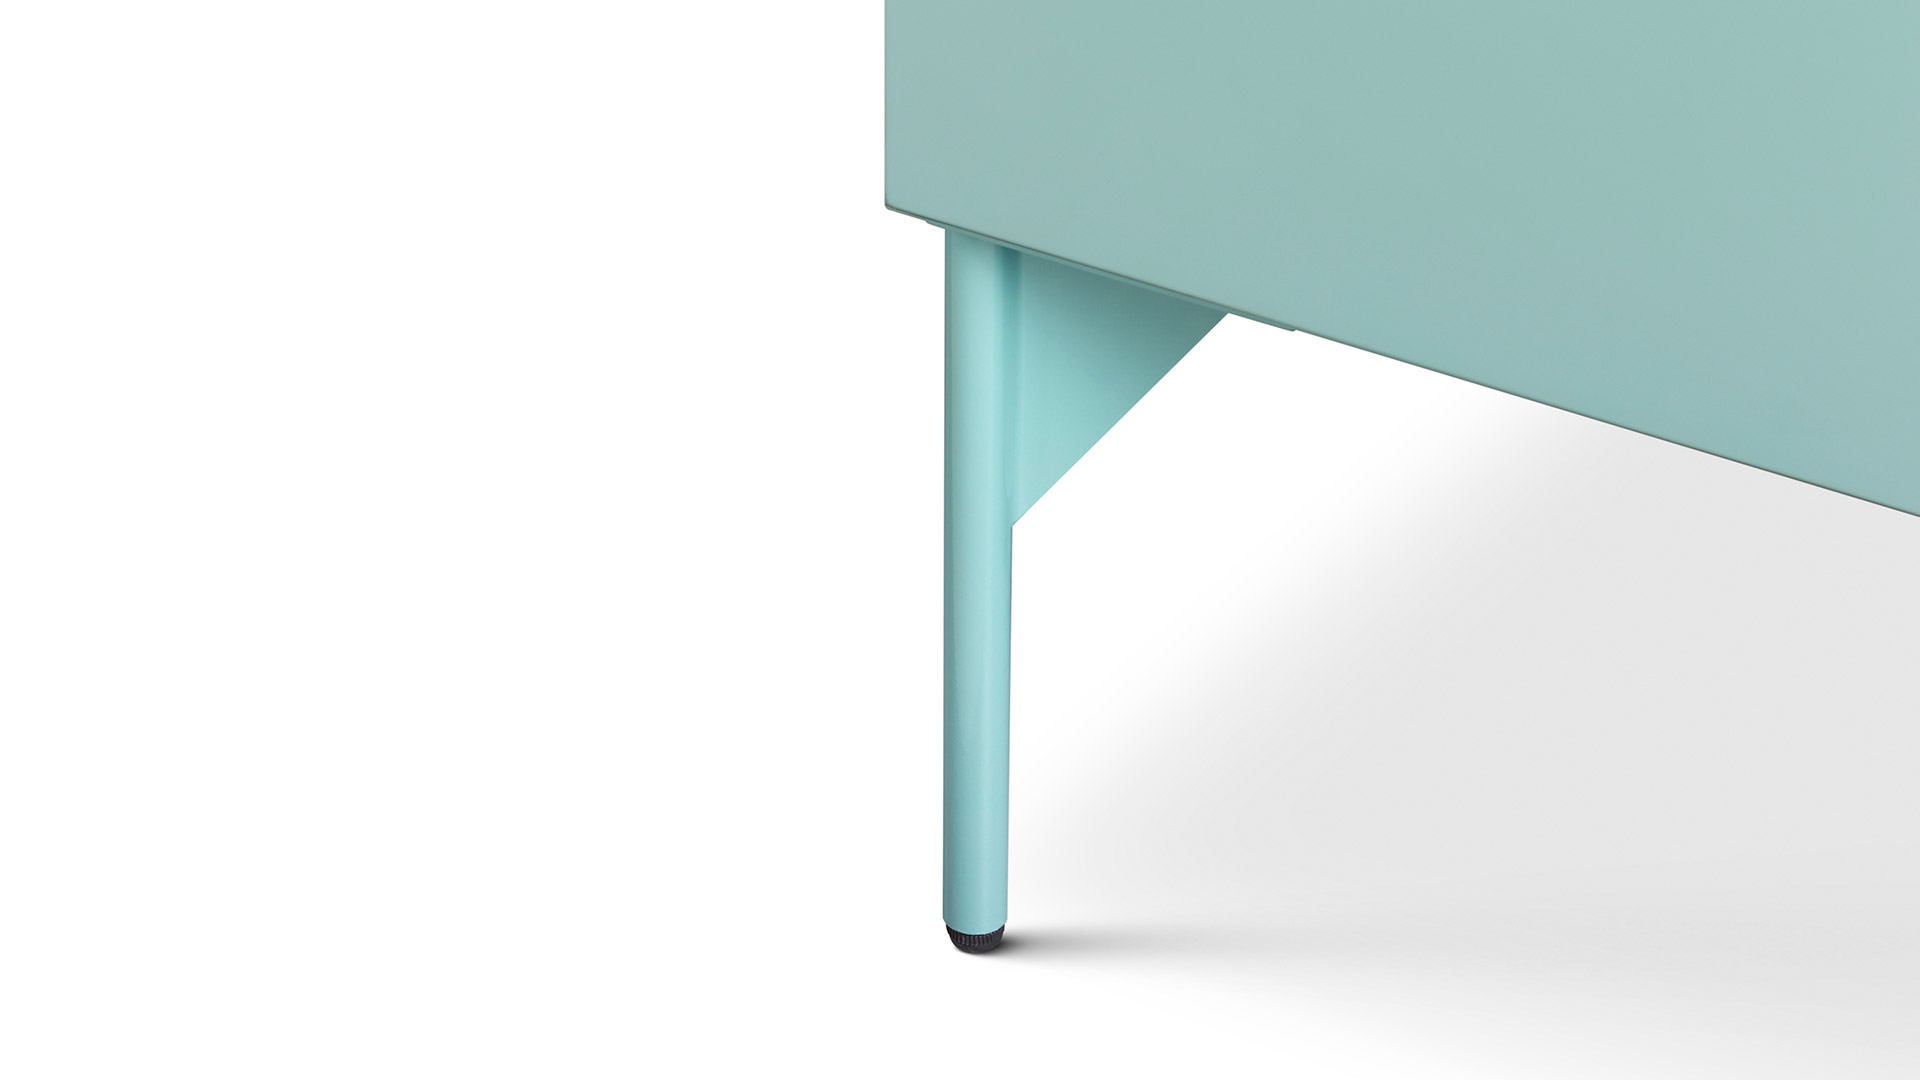 稳固的焊接结构实心圆钢腿,采用45°内切支撑,呼应柜体45°拼角,升级版四角均增加调整脚垫,适应高低不平的地面,优美与稳定兼得。?x-oss-process=image/format,jpg/interlace,1